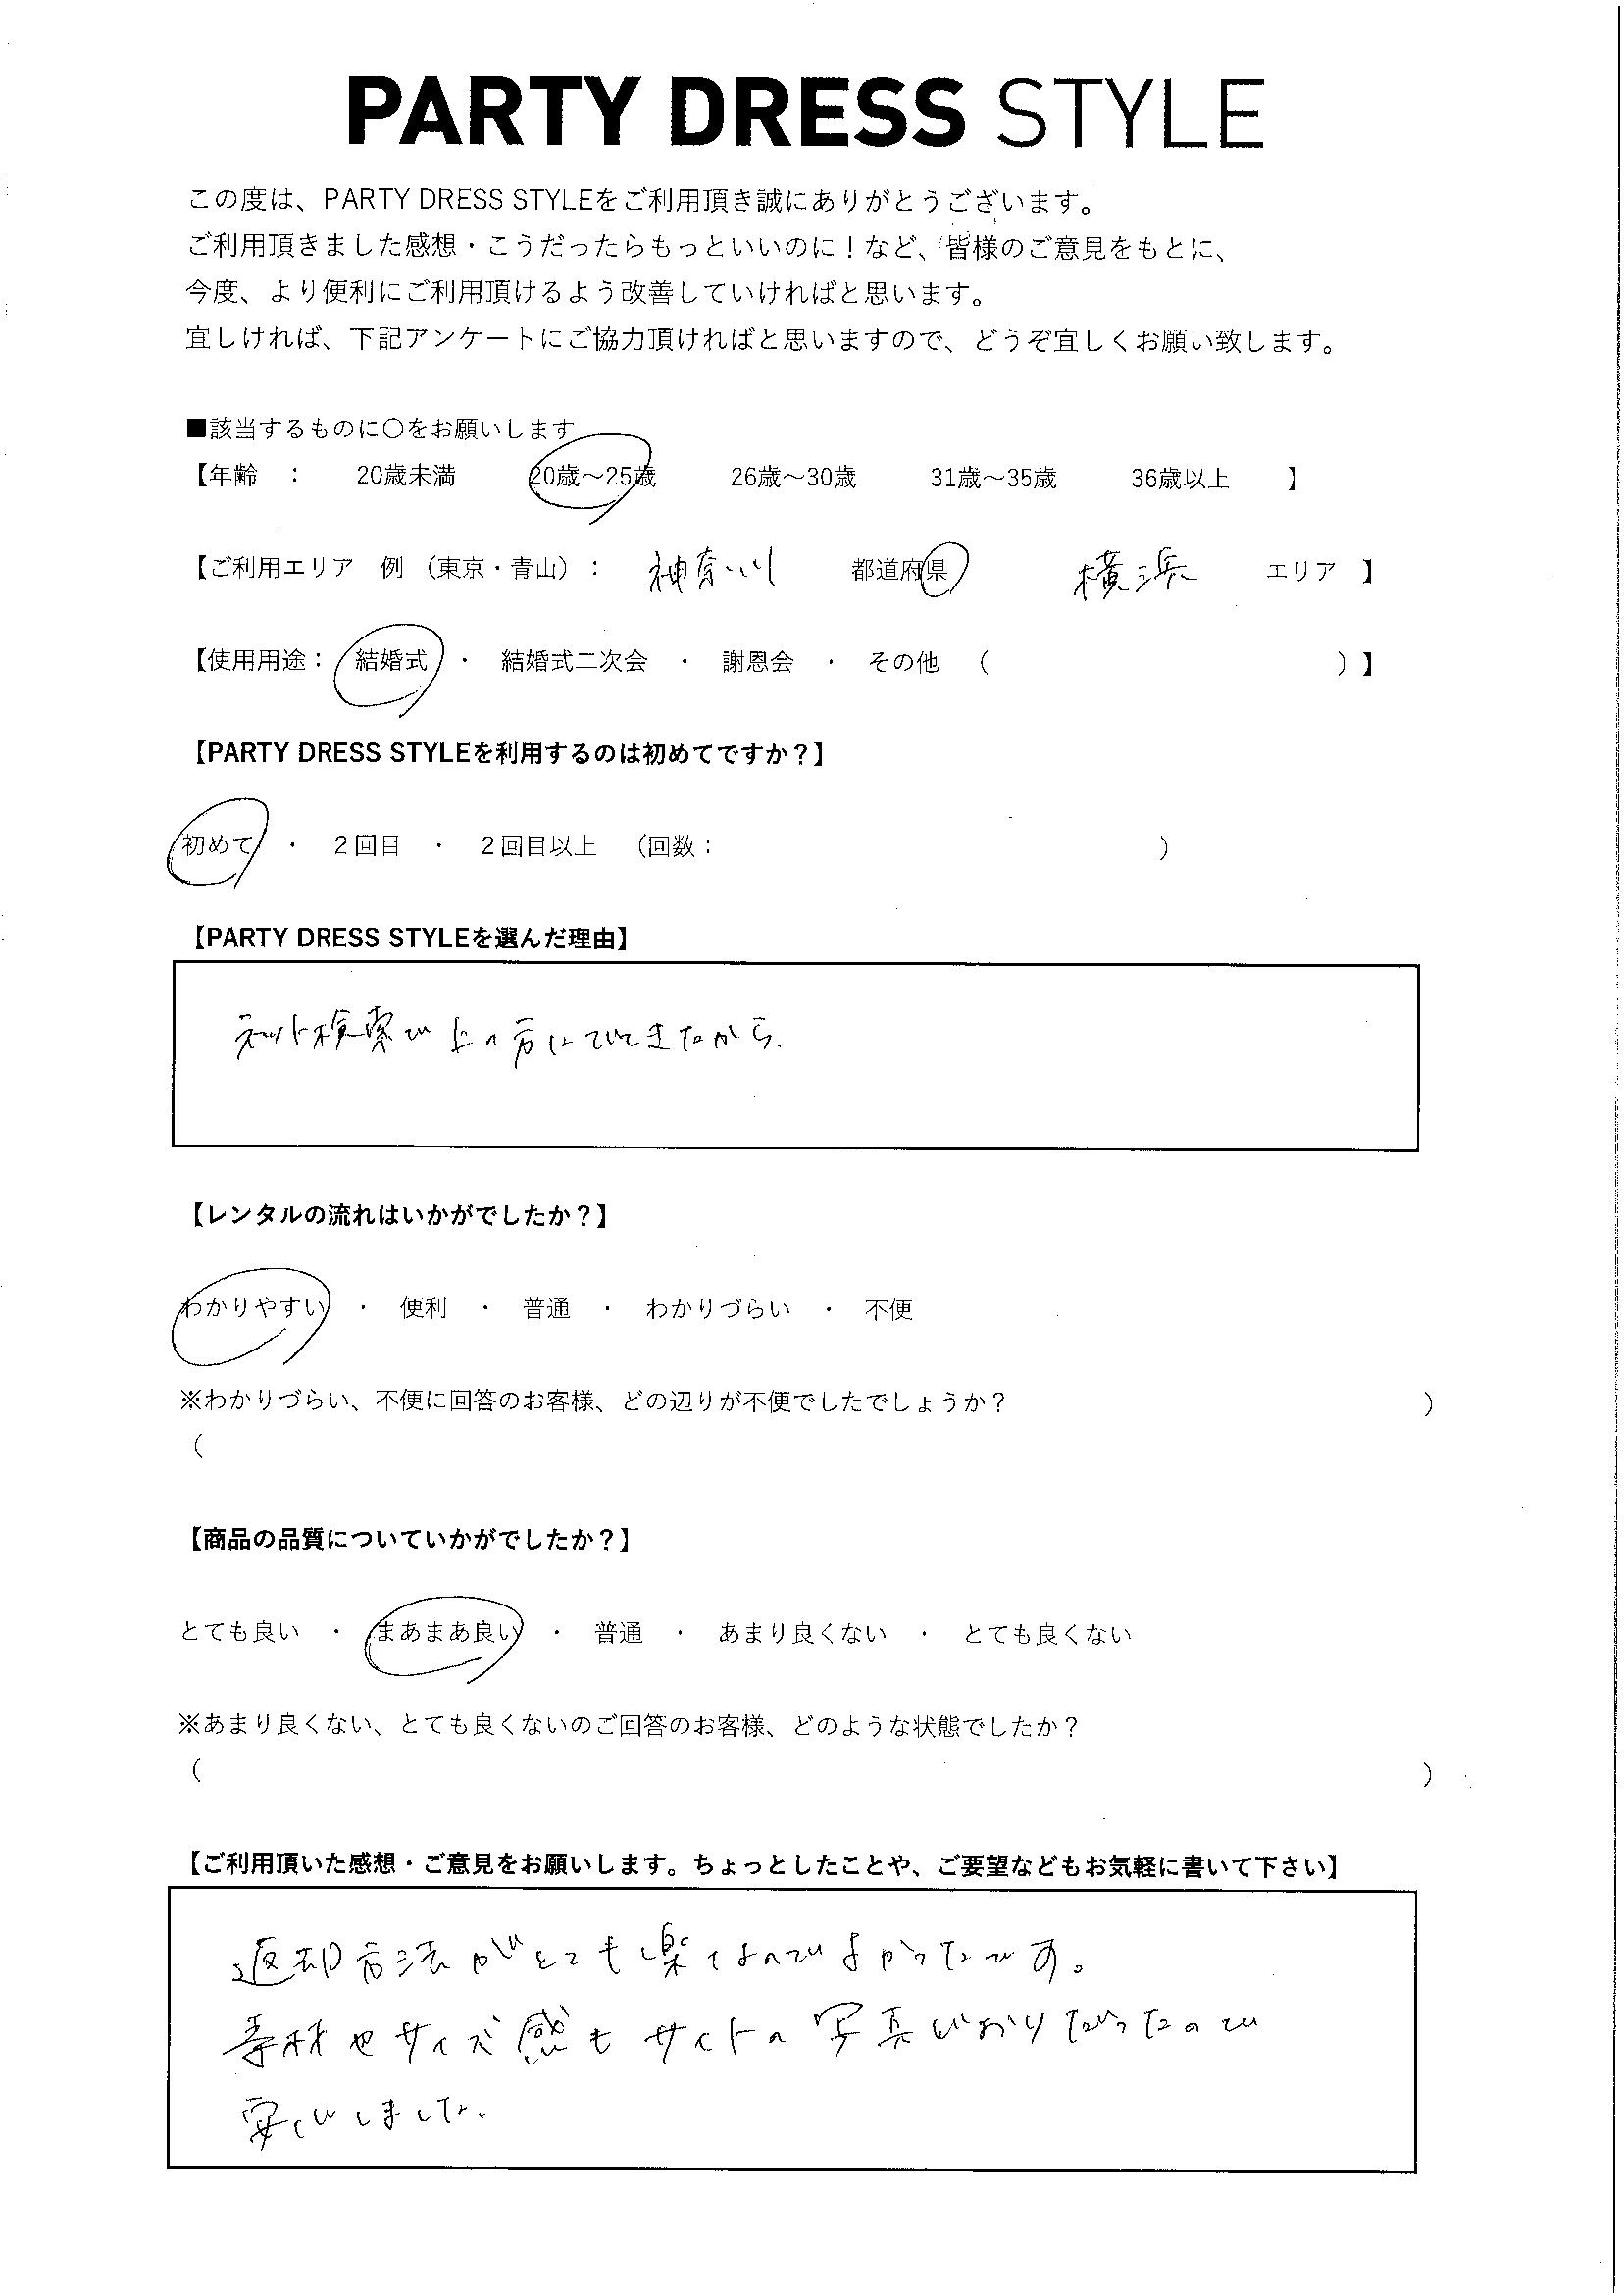 1/18結婚式ご利用 神奈川・横浜エリア